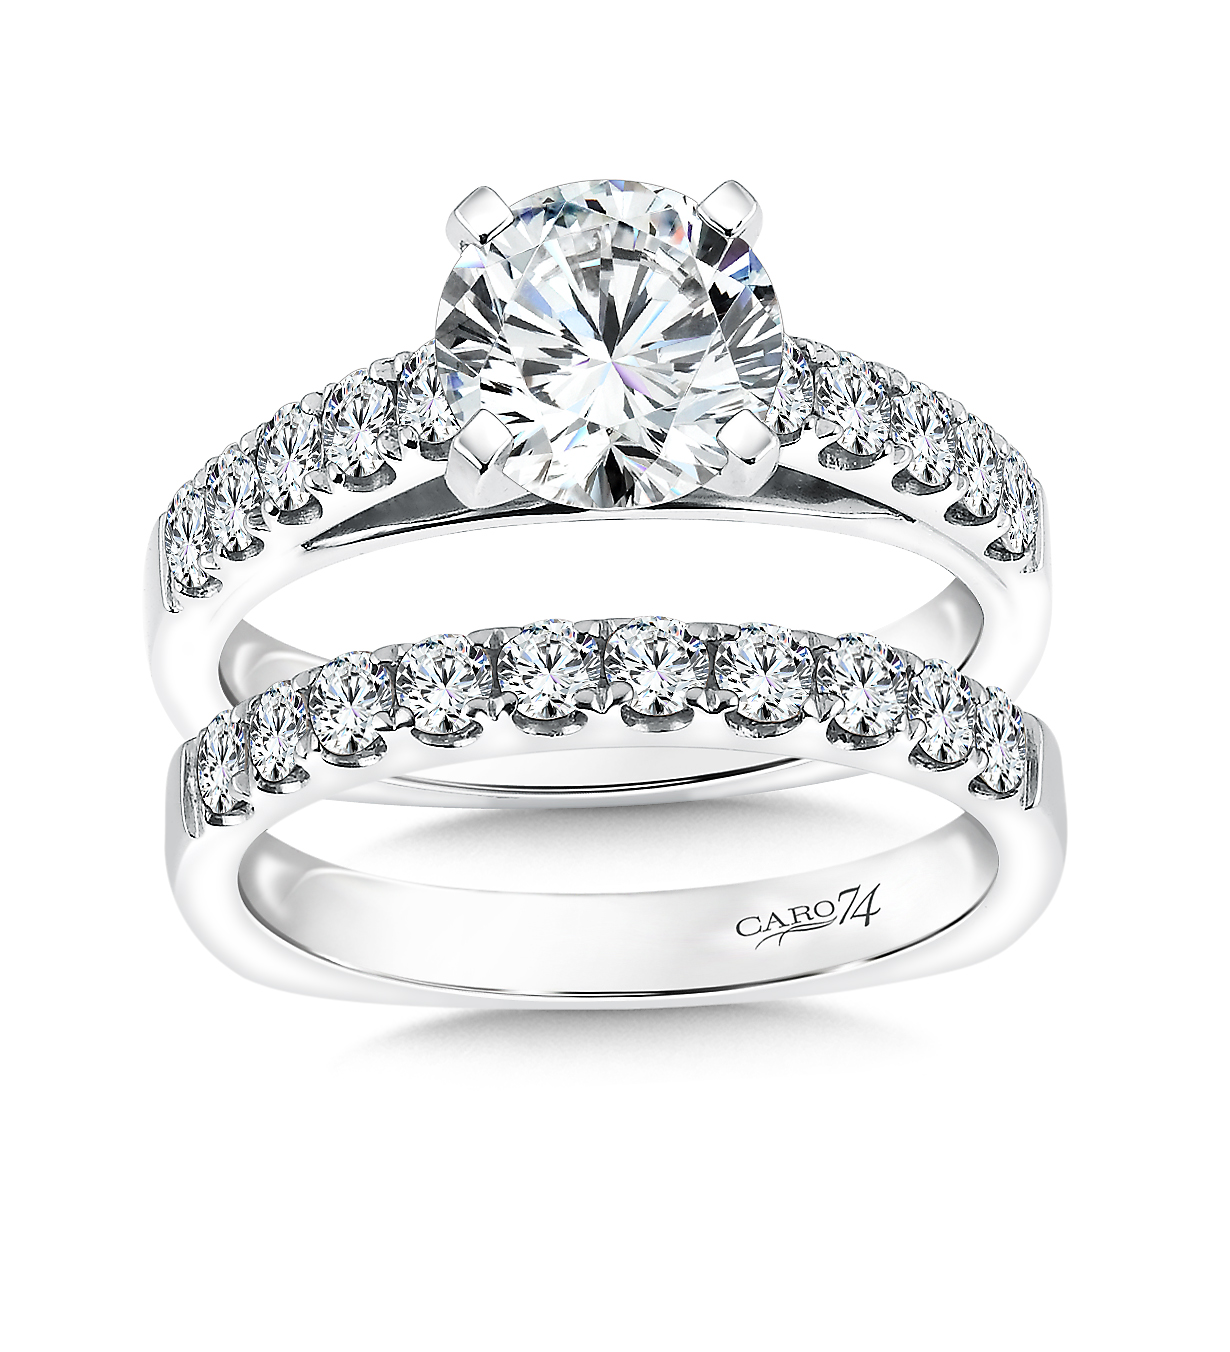 Custom Round Engagement Rings